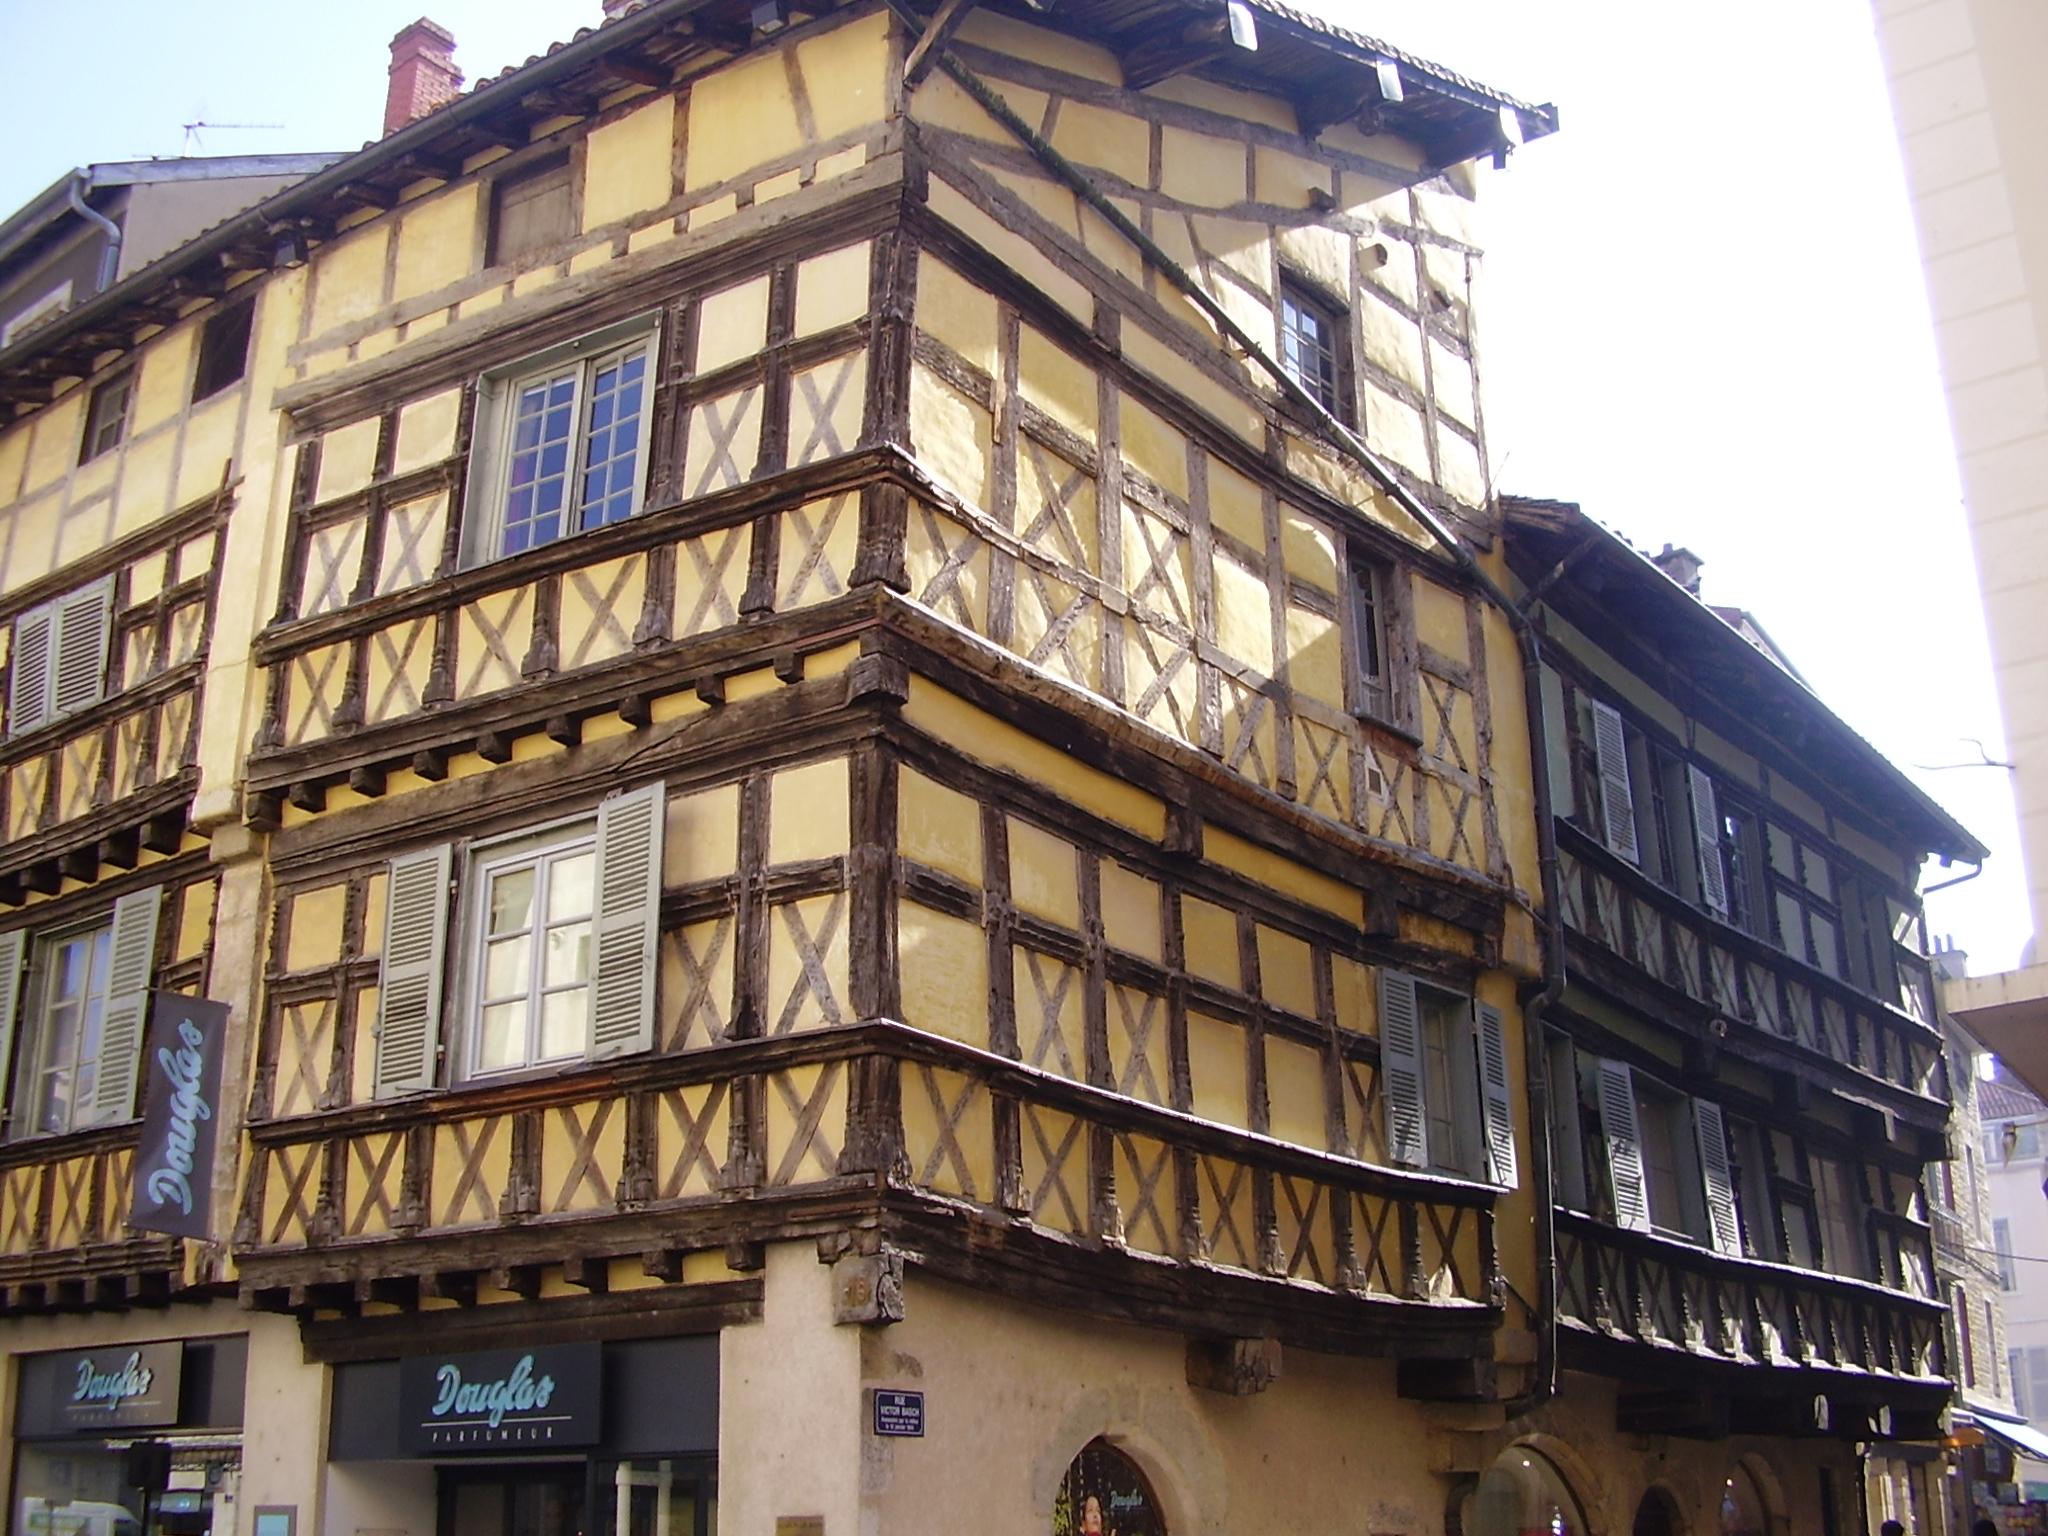 Maison de bois de bourg en bresse - Maison d arret bourg en bresse ...